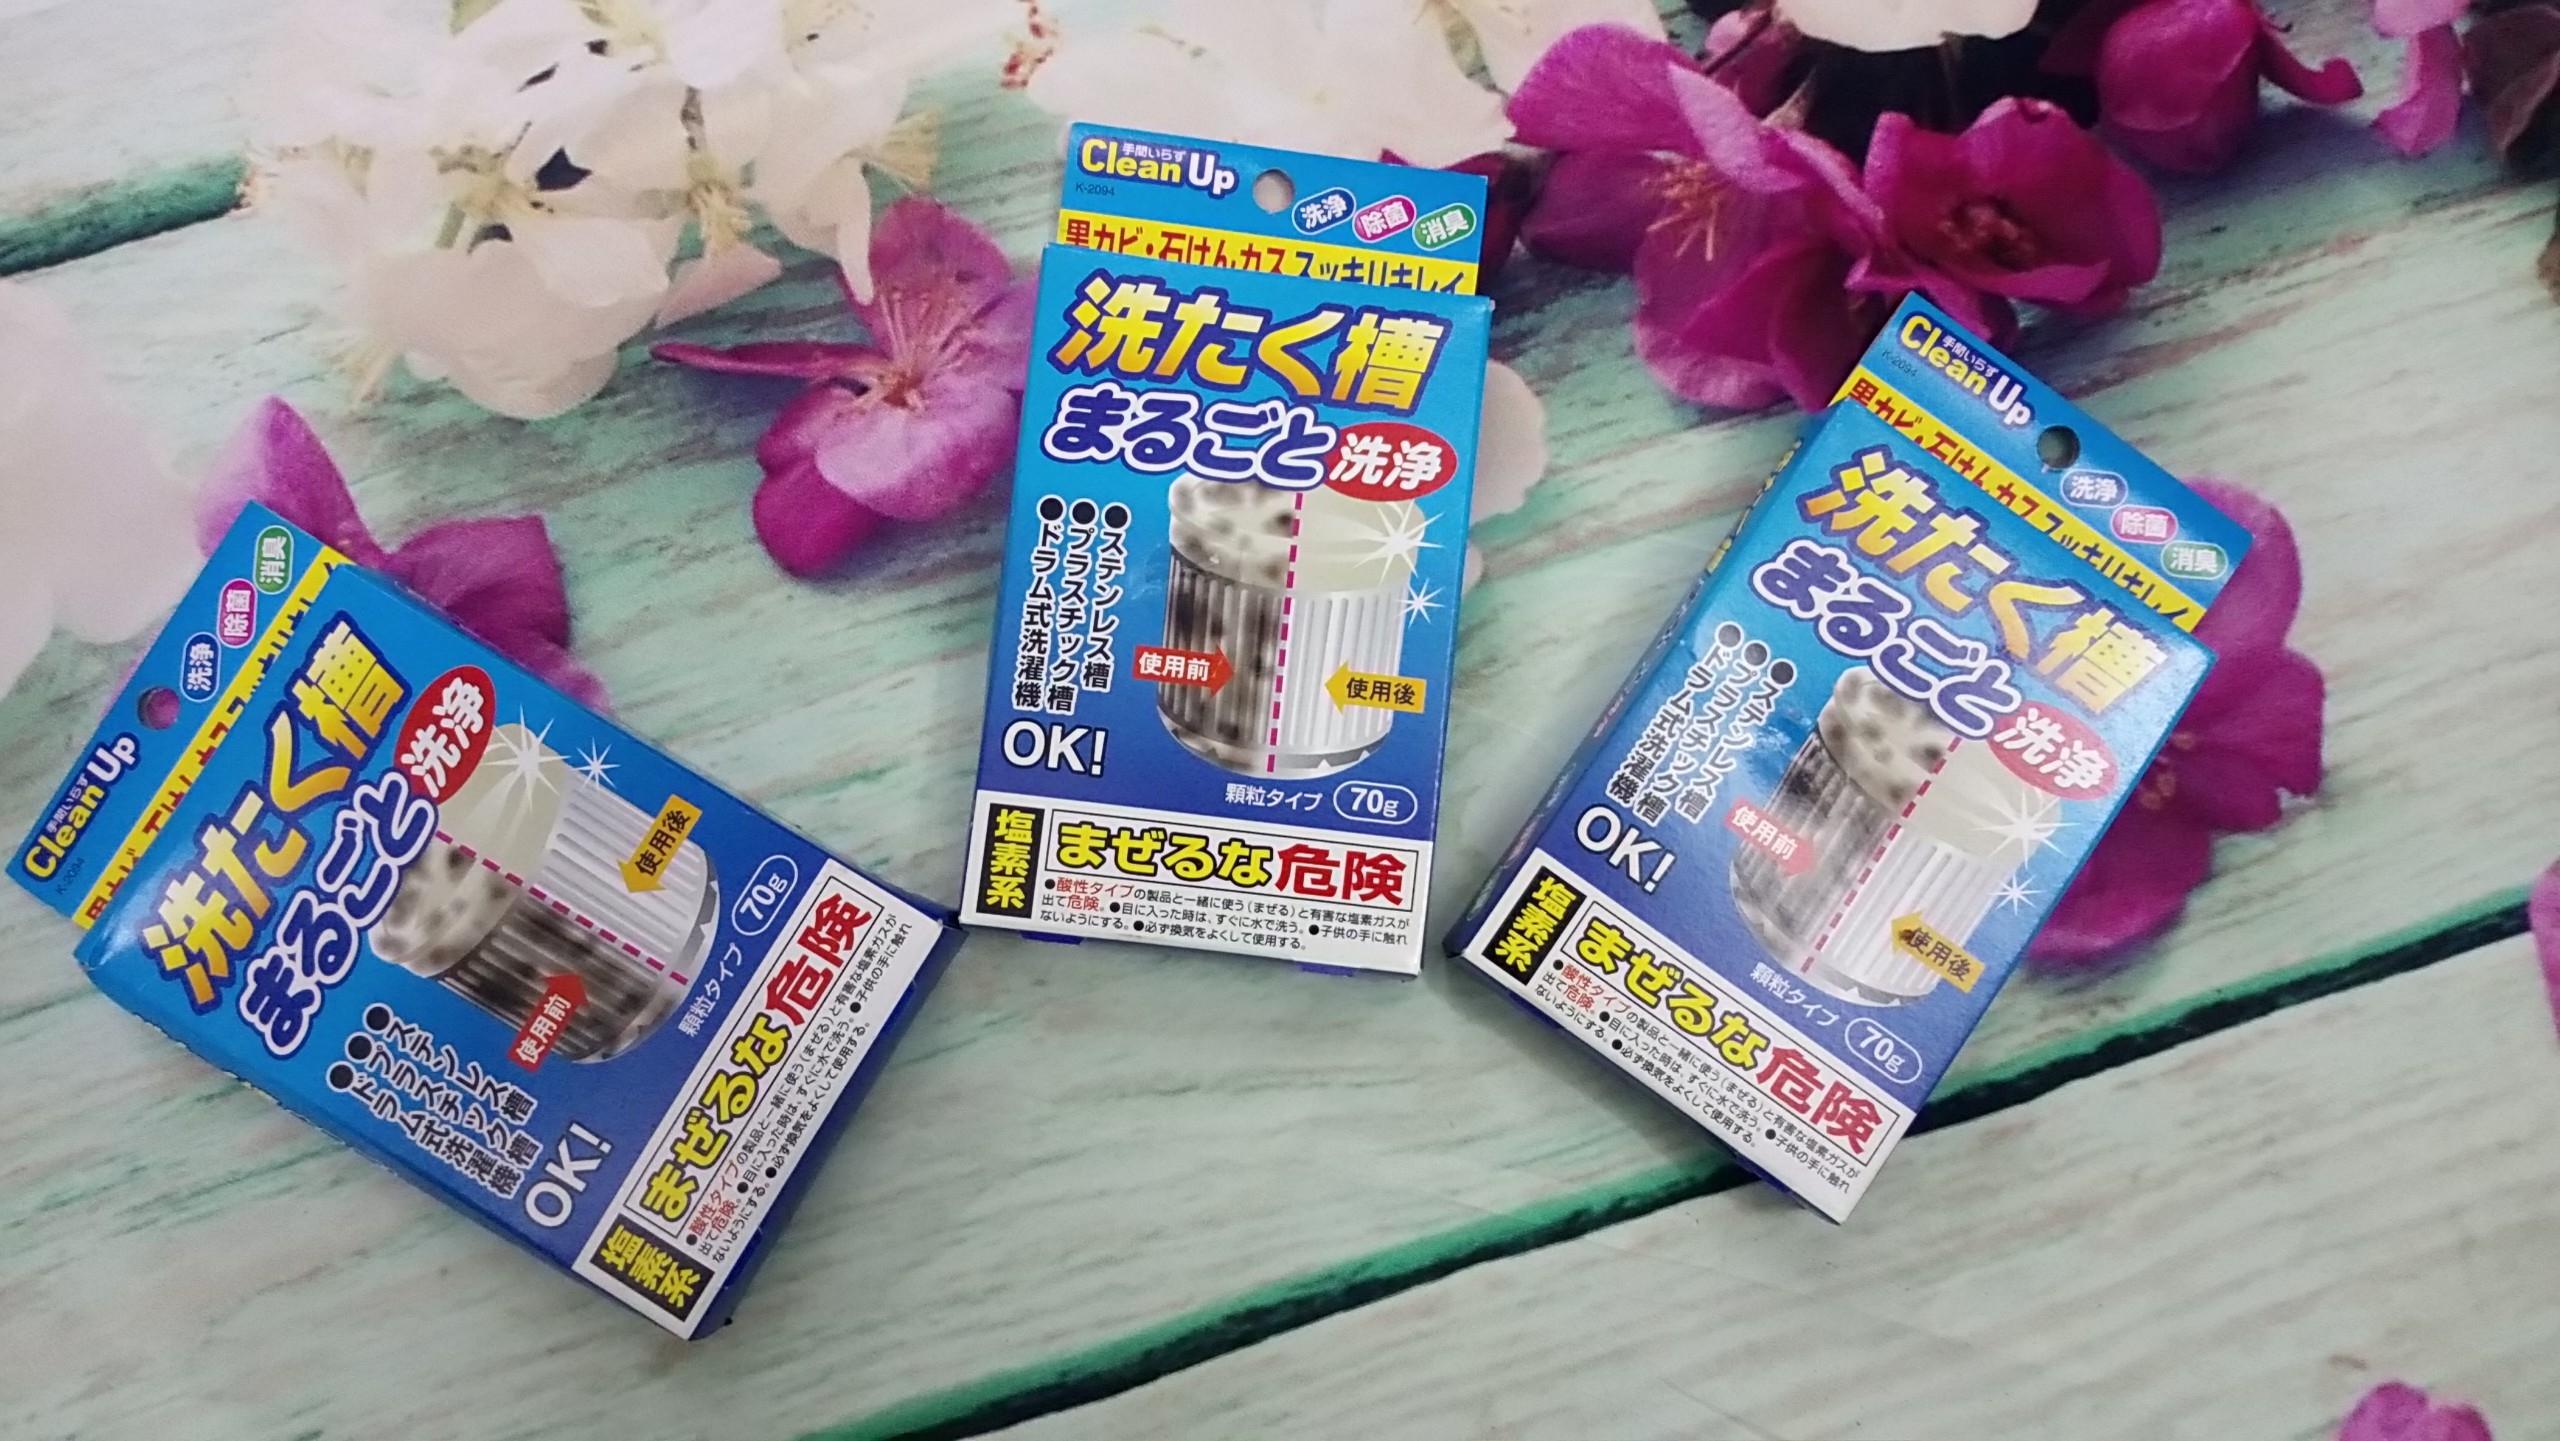 Gói Tẩy Vệ Sinh Lồng Giặt 70g Hàng Nhật